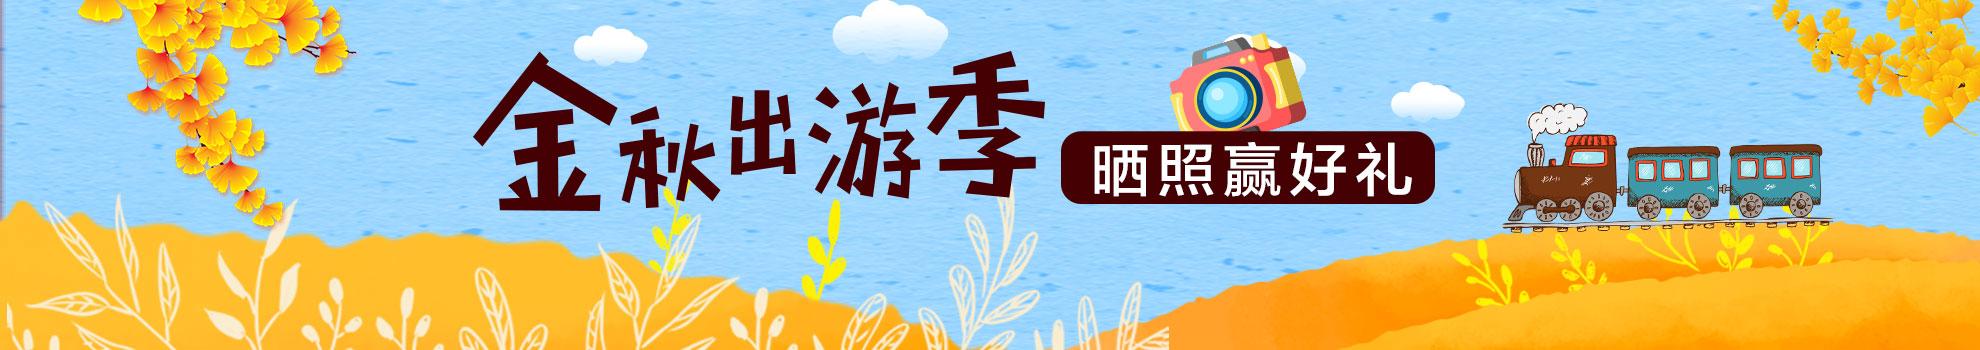 【有奖随手拍】金秋出游季,晒照赢好礼